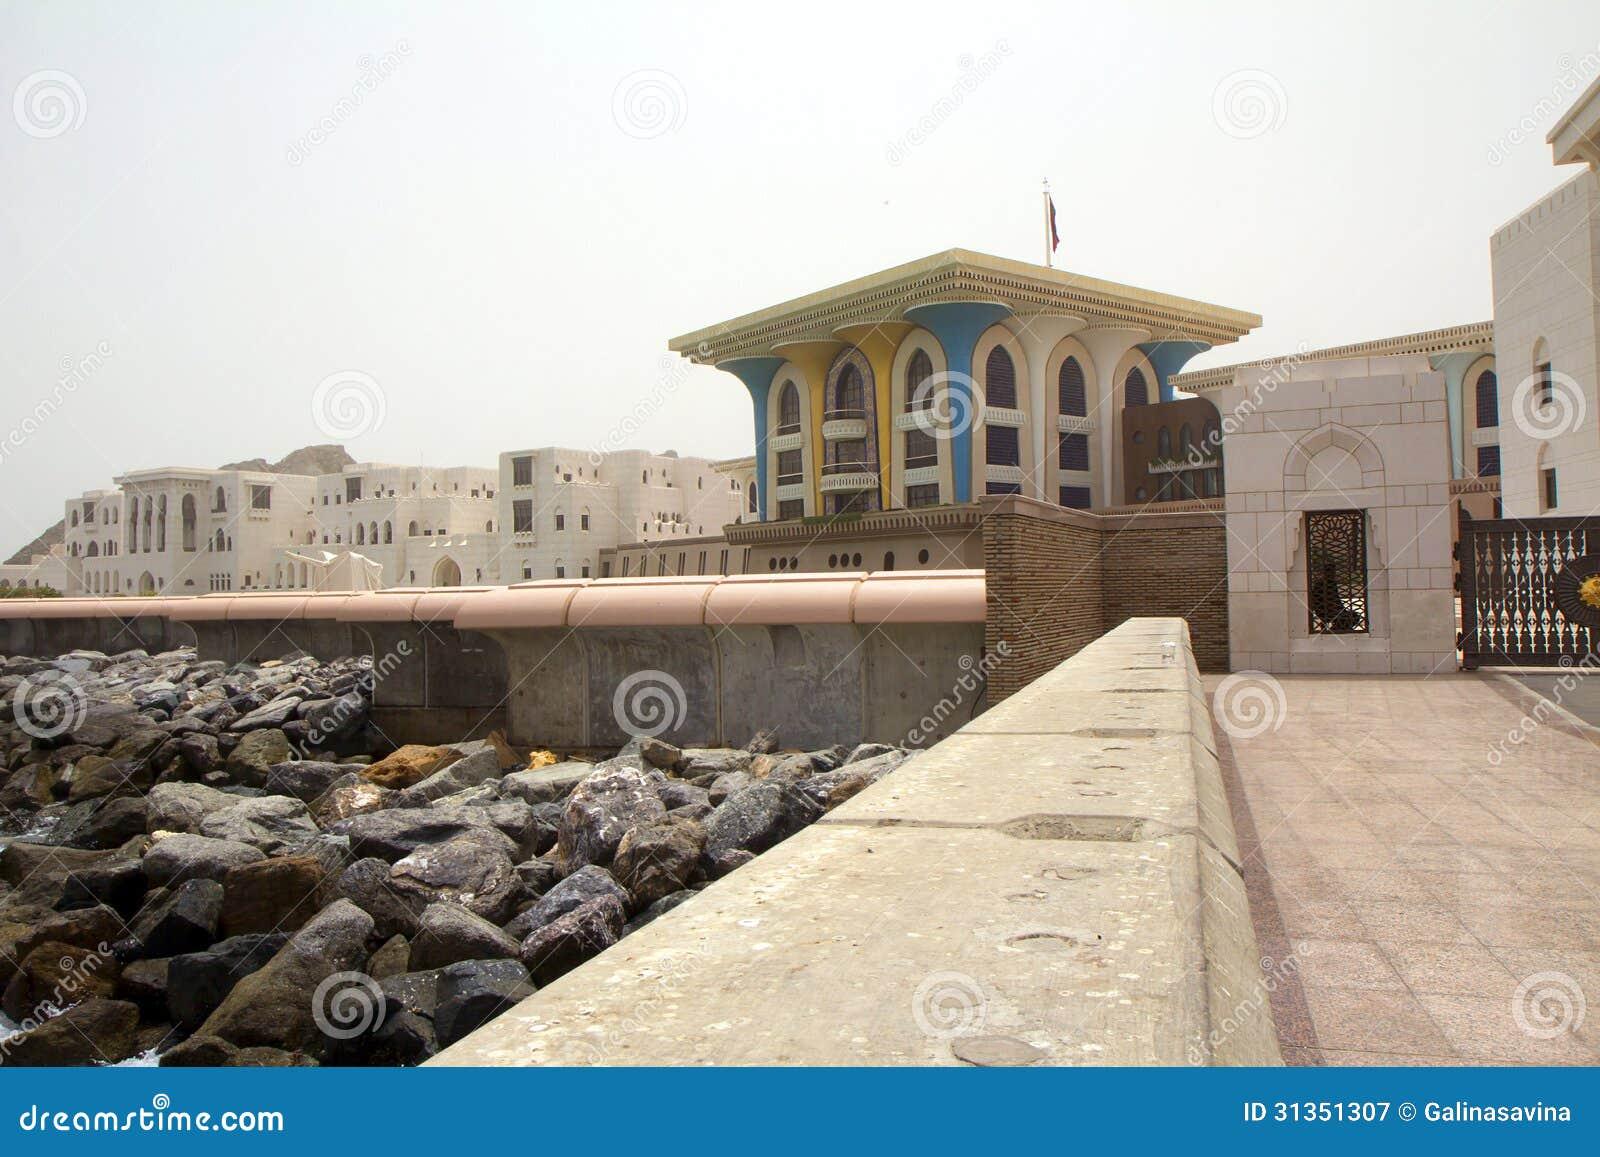 Oman. Muscat. Al Alam Palace.